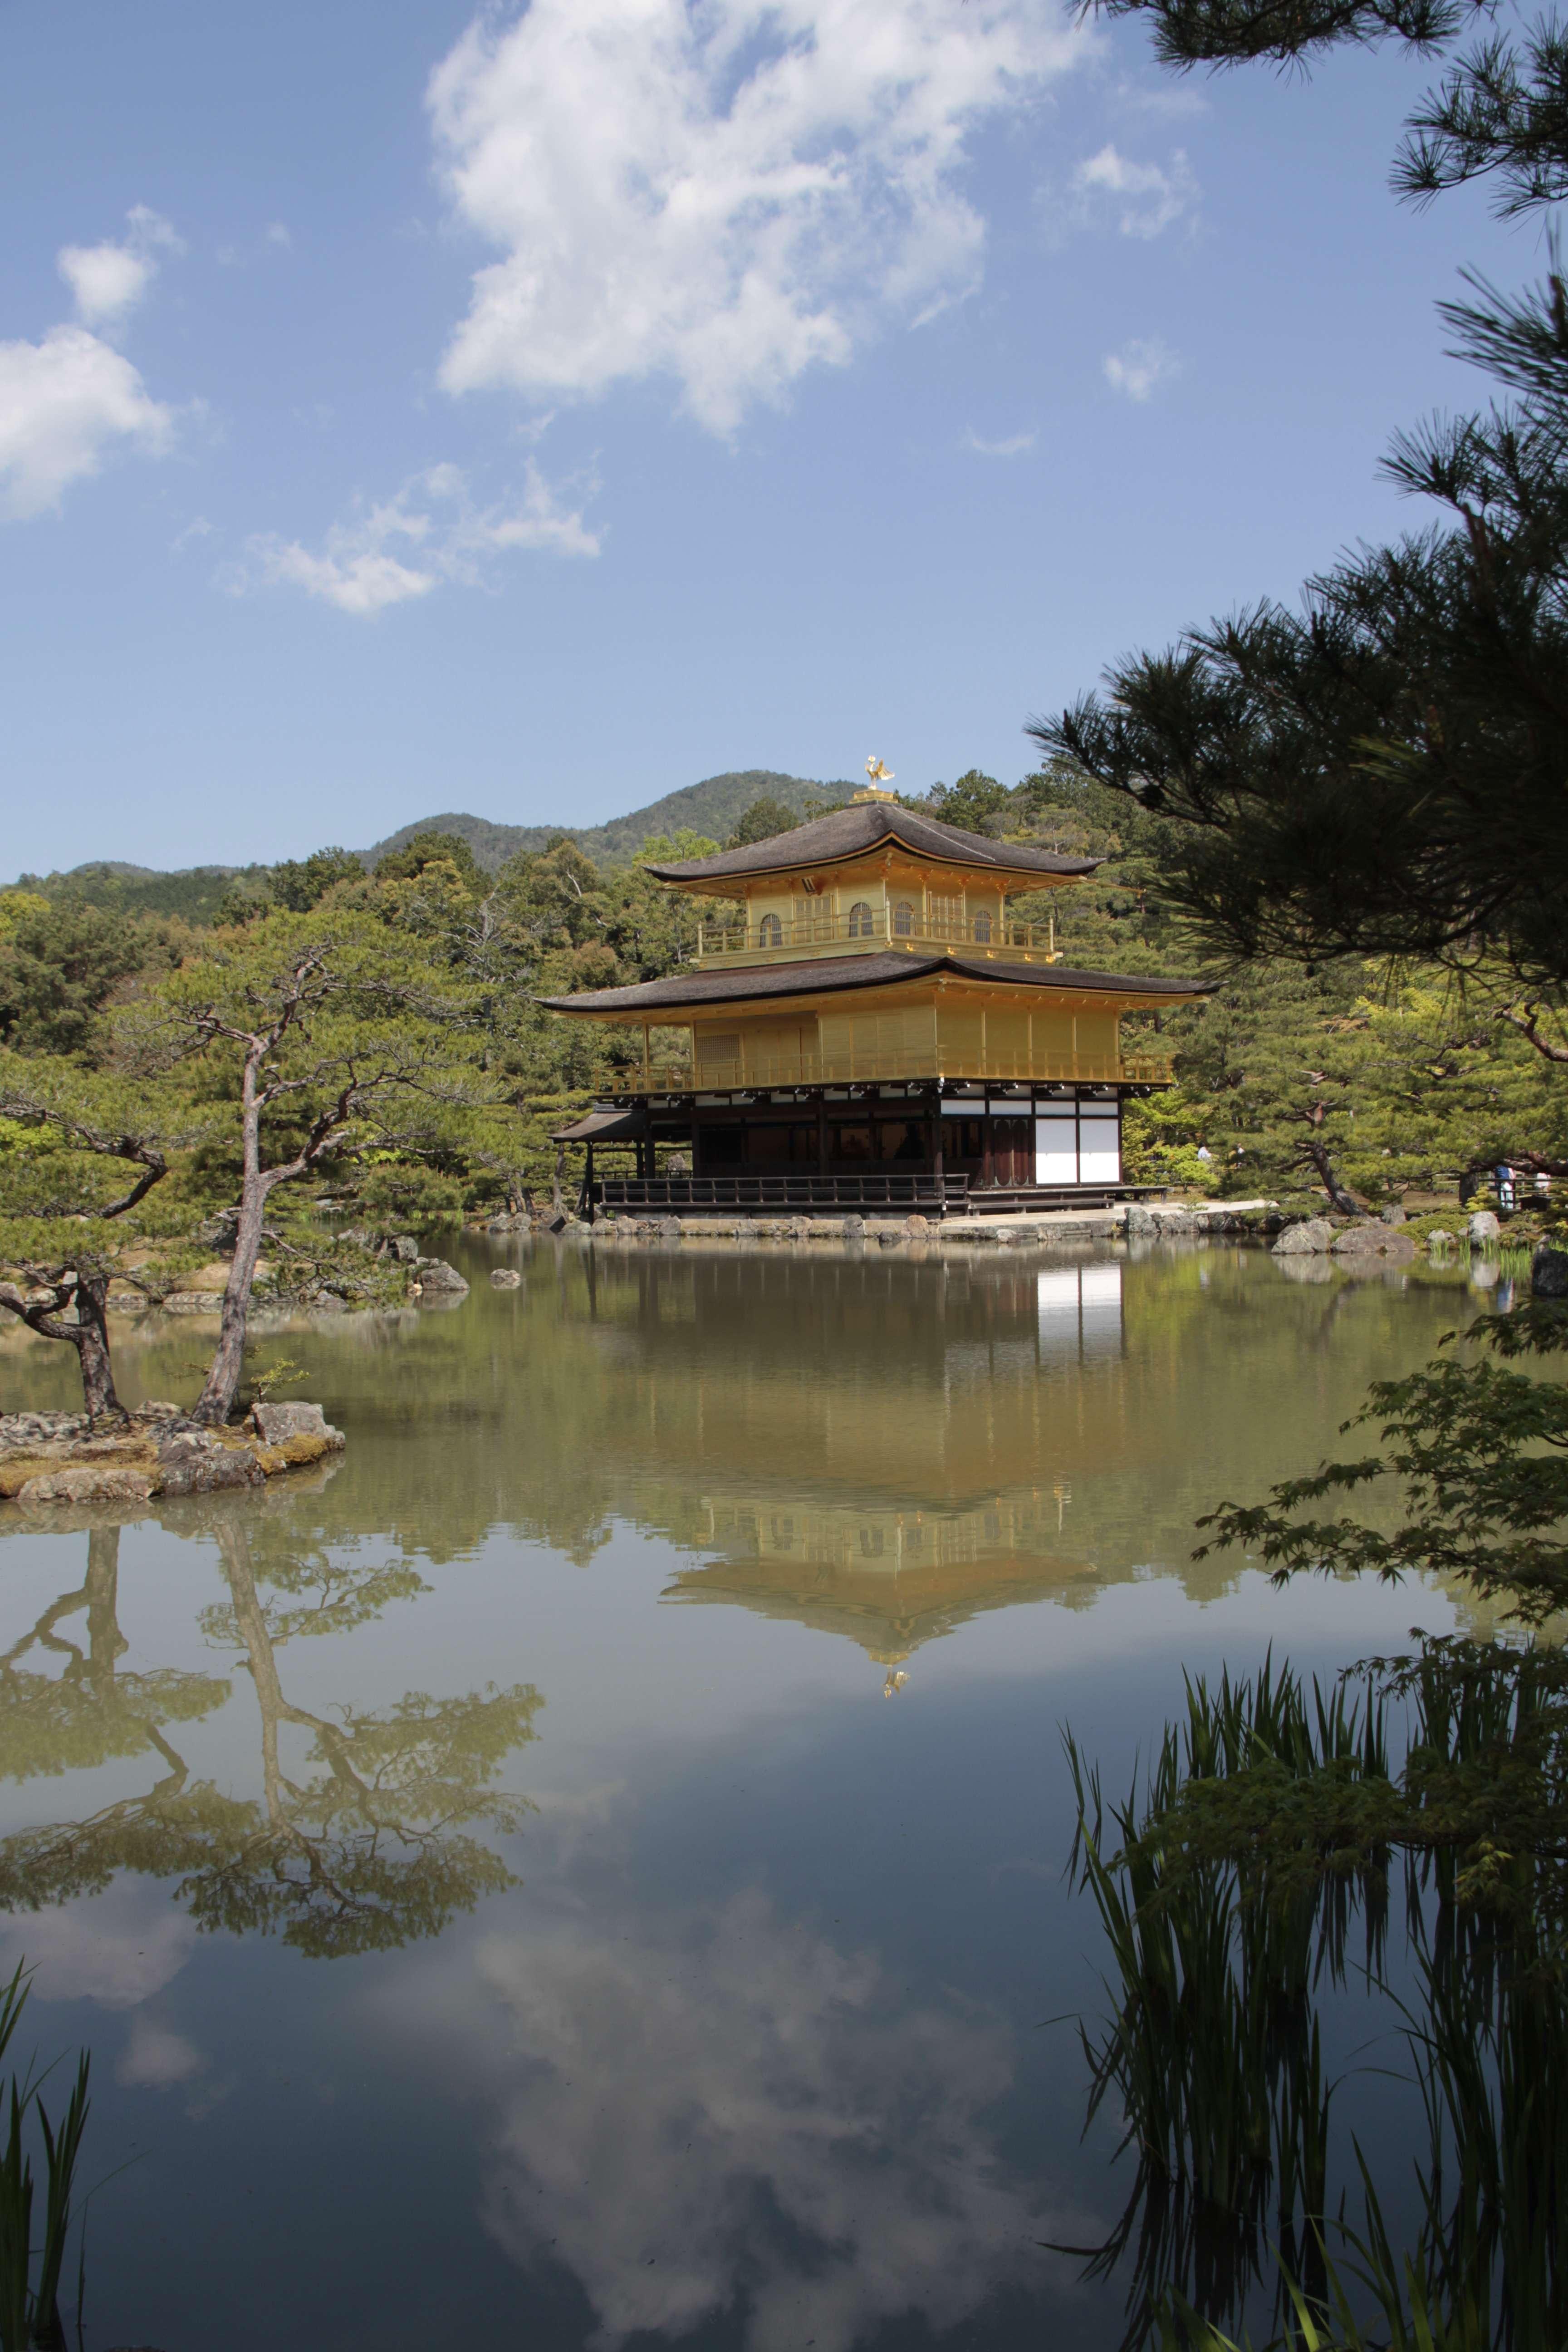 Japon avril 2017_0804 Kyoto Kinkaku Ji dit Pavillon dore